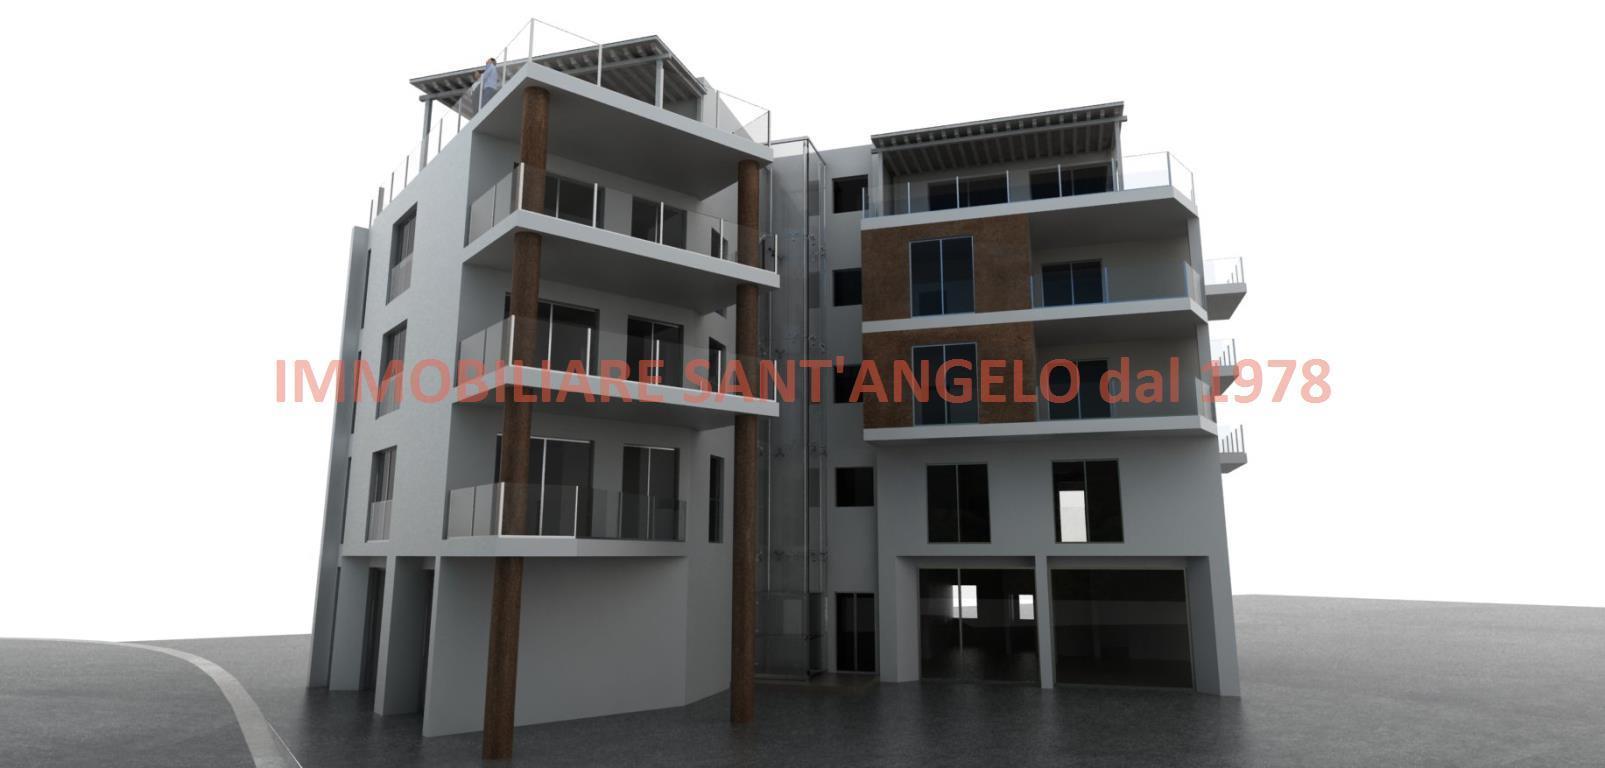 Negozio / Locale in vendita a Agrigento, 1 locali, zona Zona: Centro, Trattative riservate | CambioCasa.it